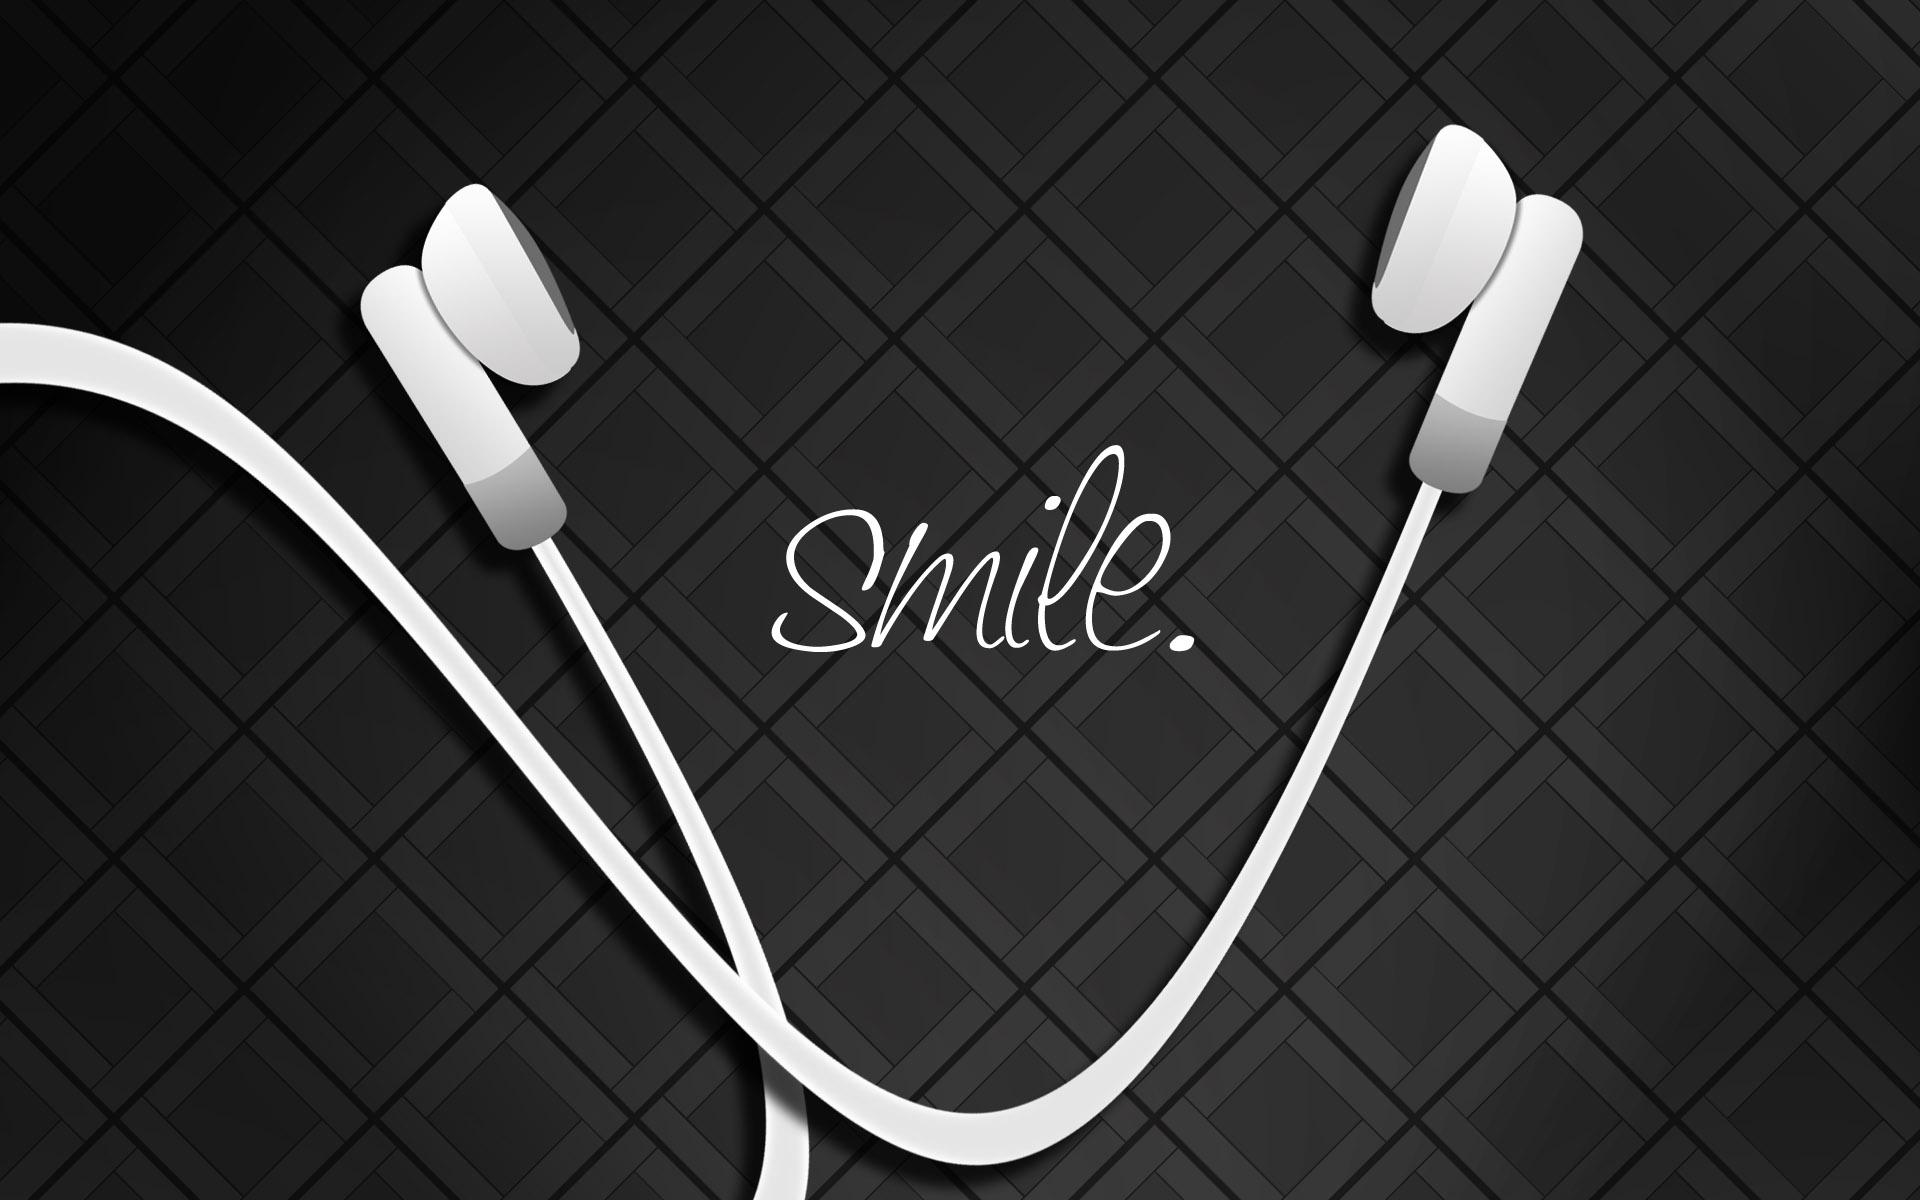 Escucha musica para sonreir a la vida - 1920x1200